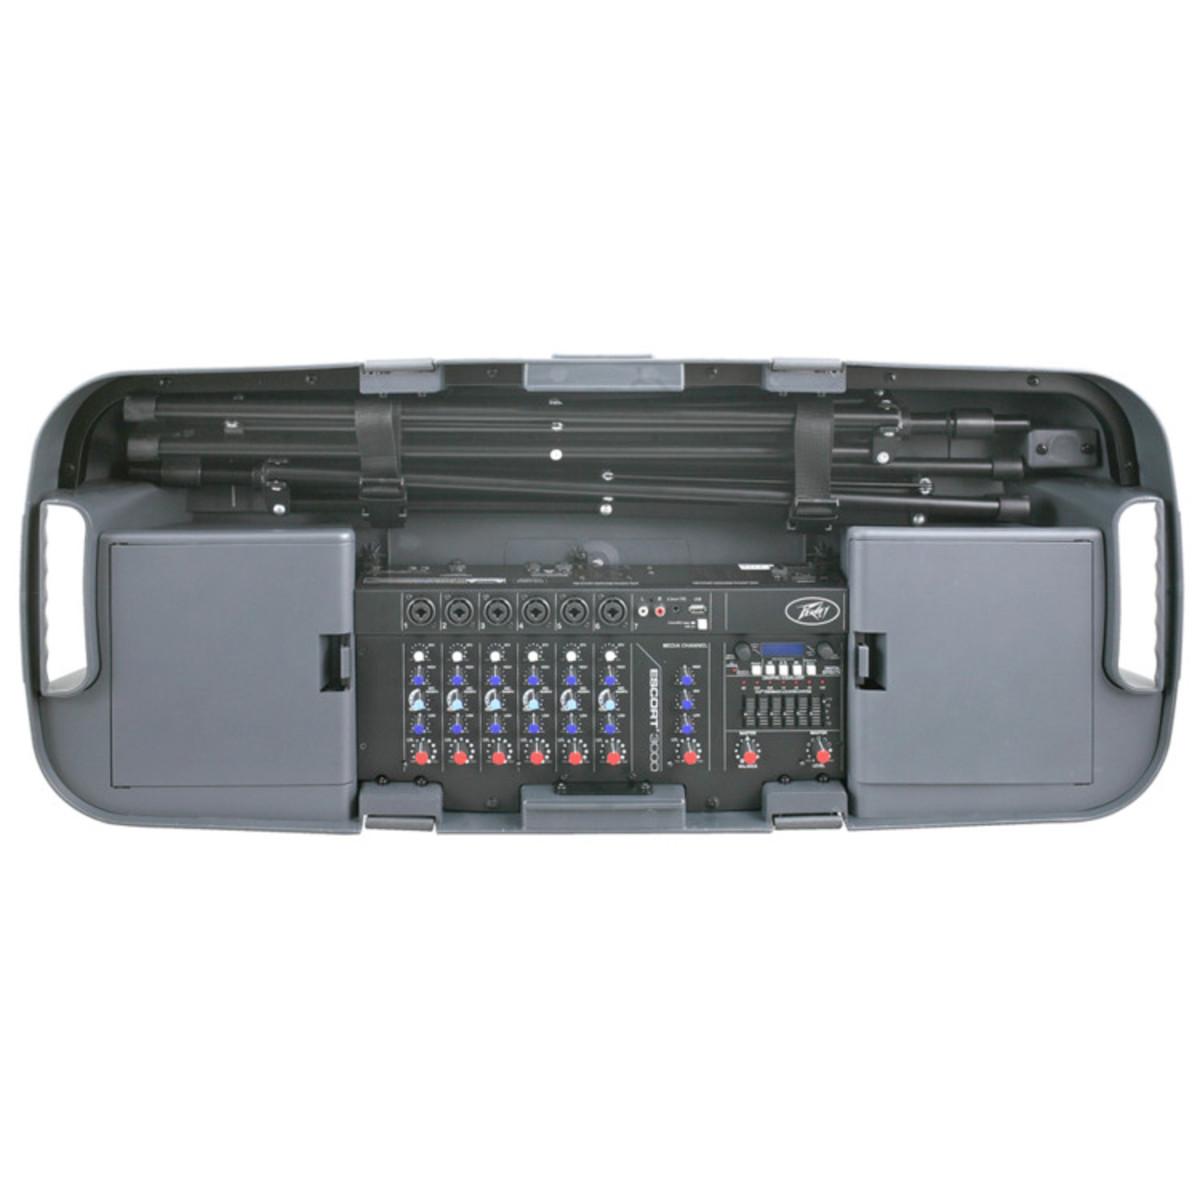 Peavey Escort 3000 Mkii Orange Audio